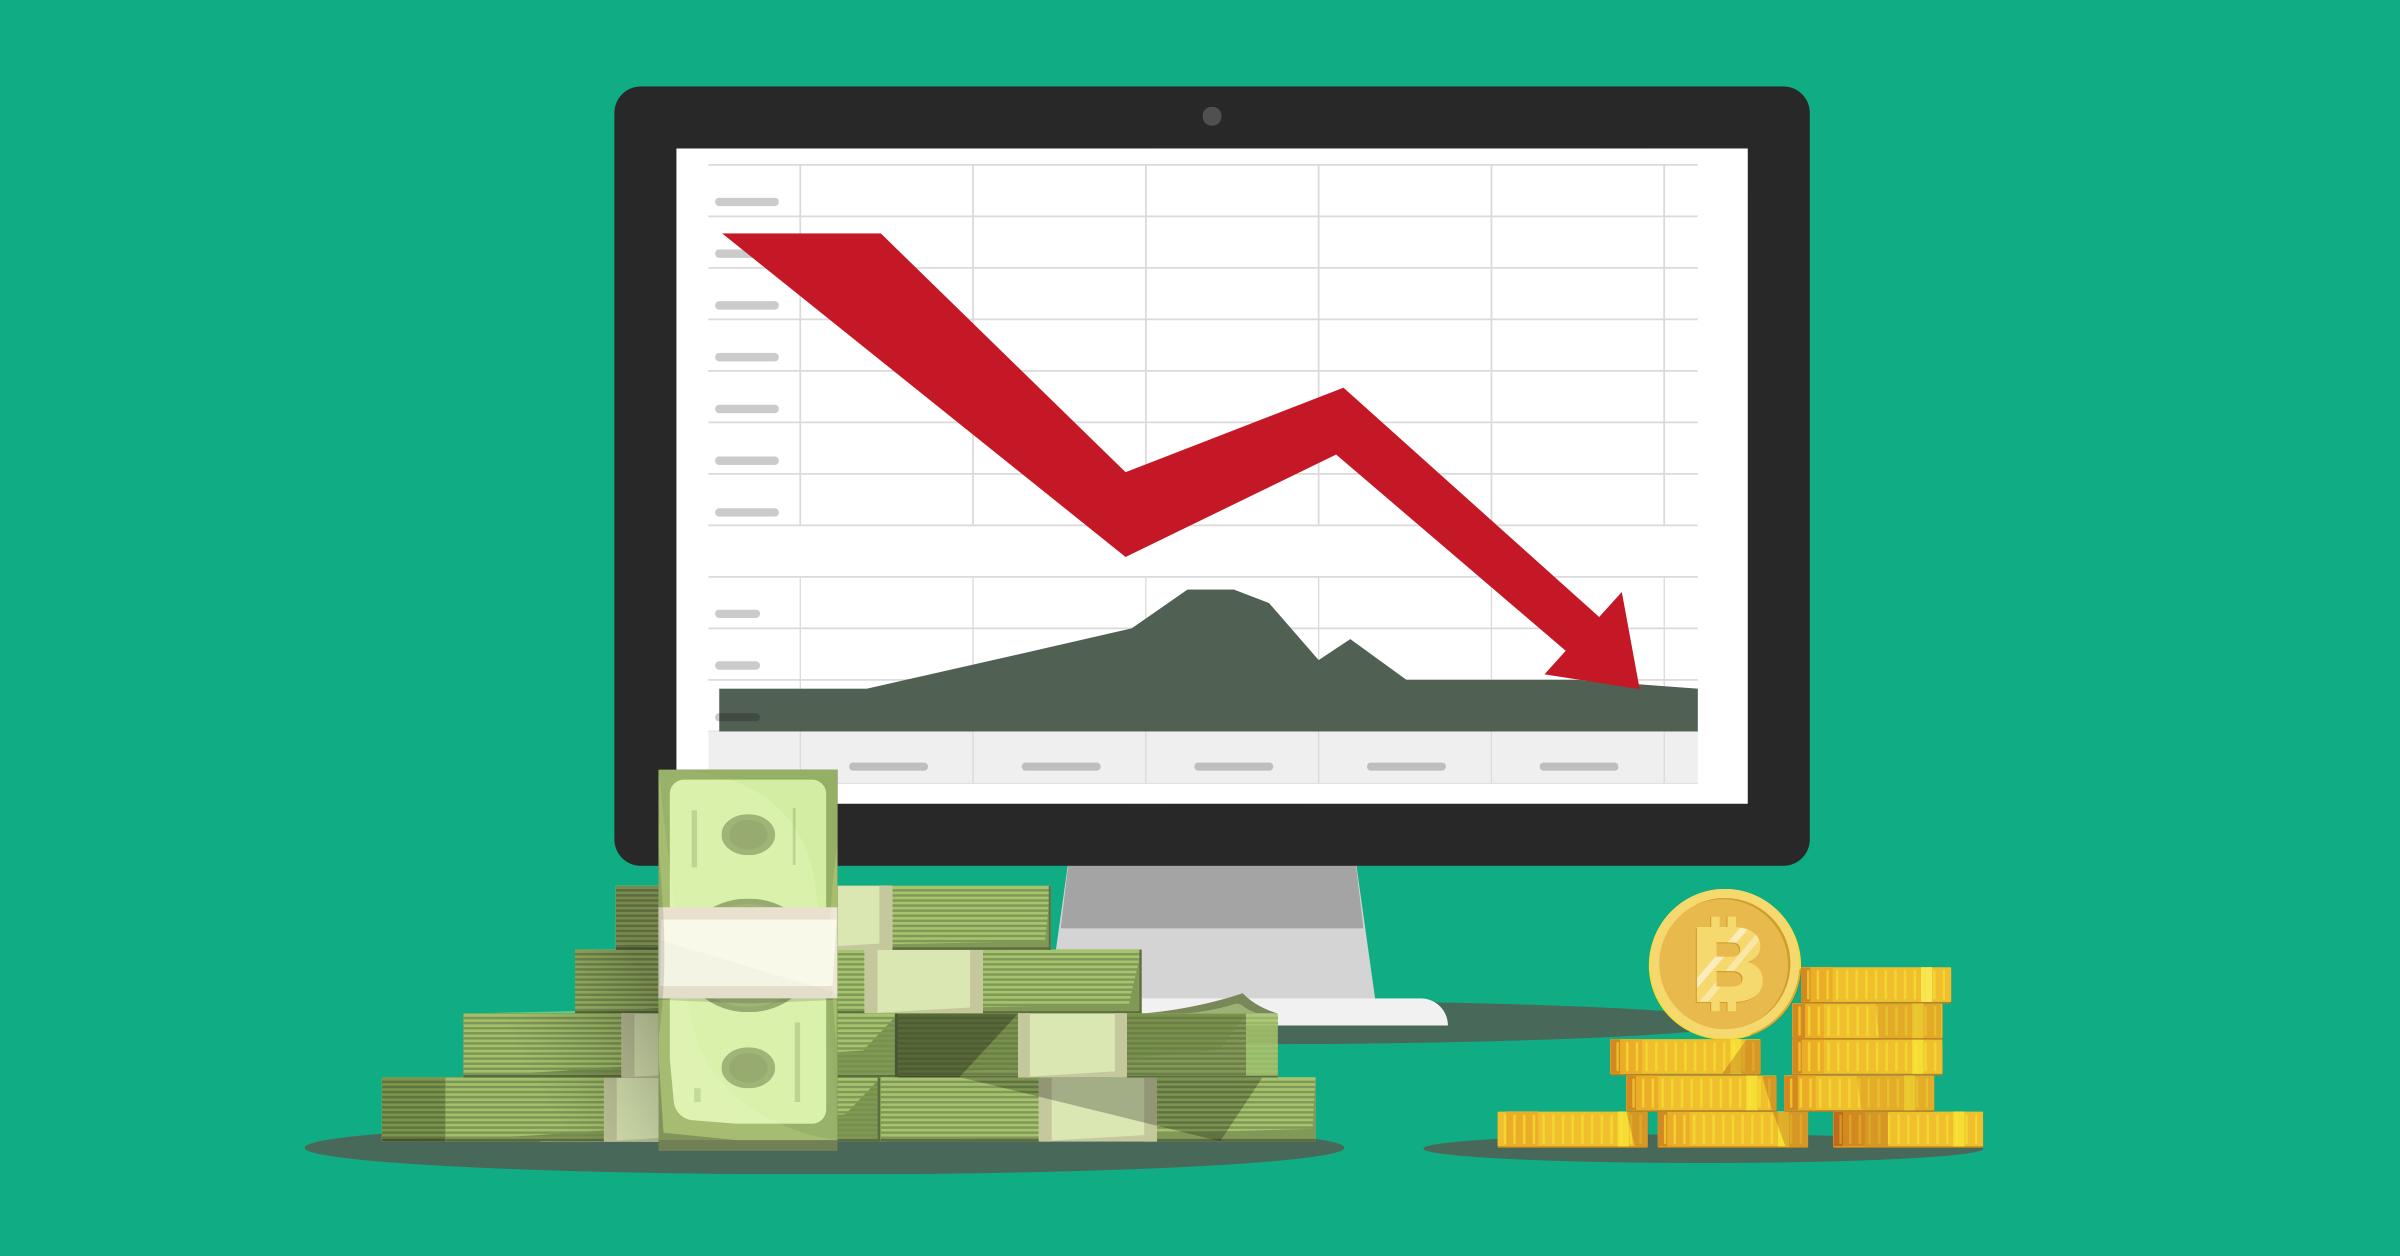 Bitcoin bene rifugio dall'inflazione? - Startmag